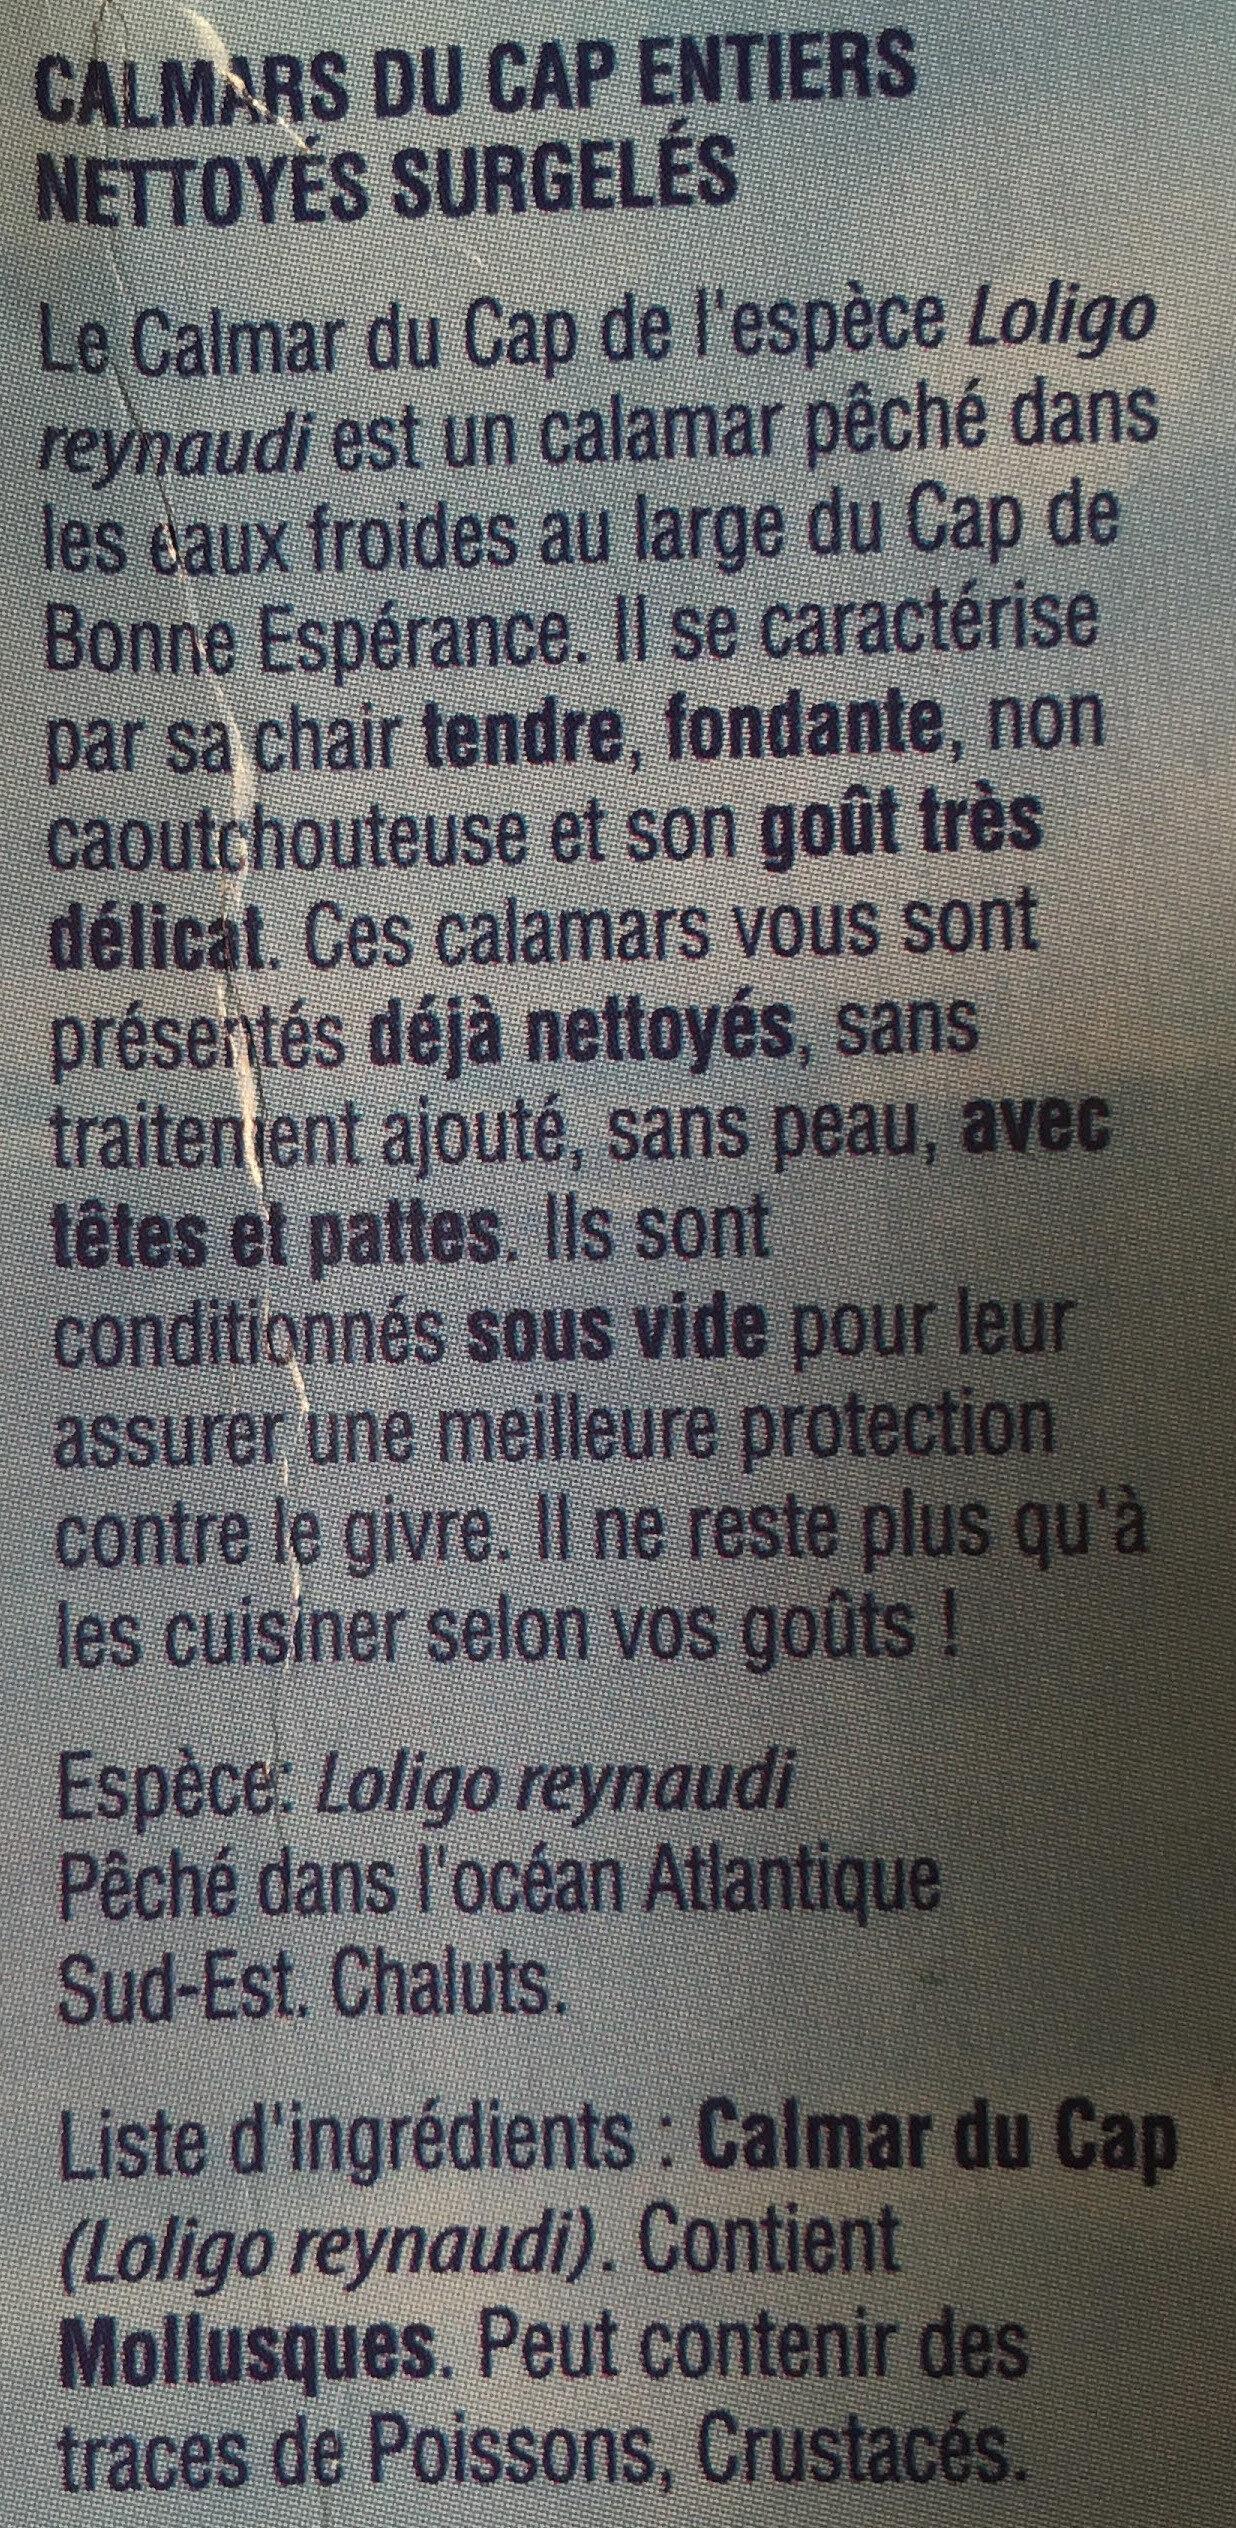 Calmars du Cap nettoyés - Ingrédients - fr